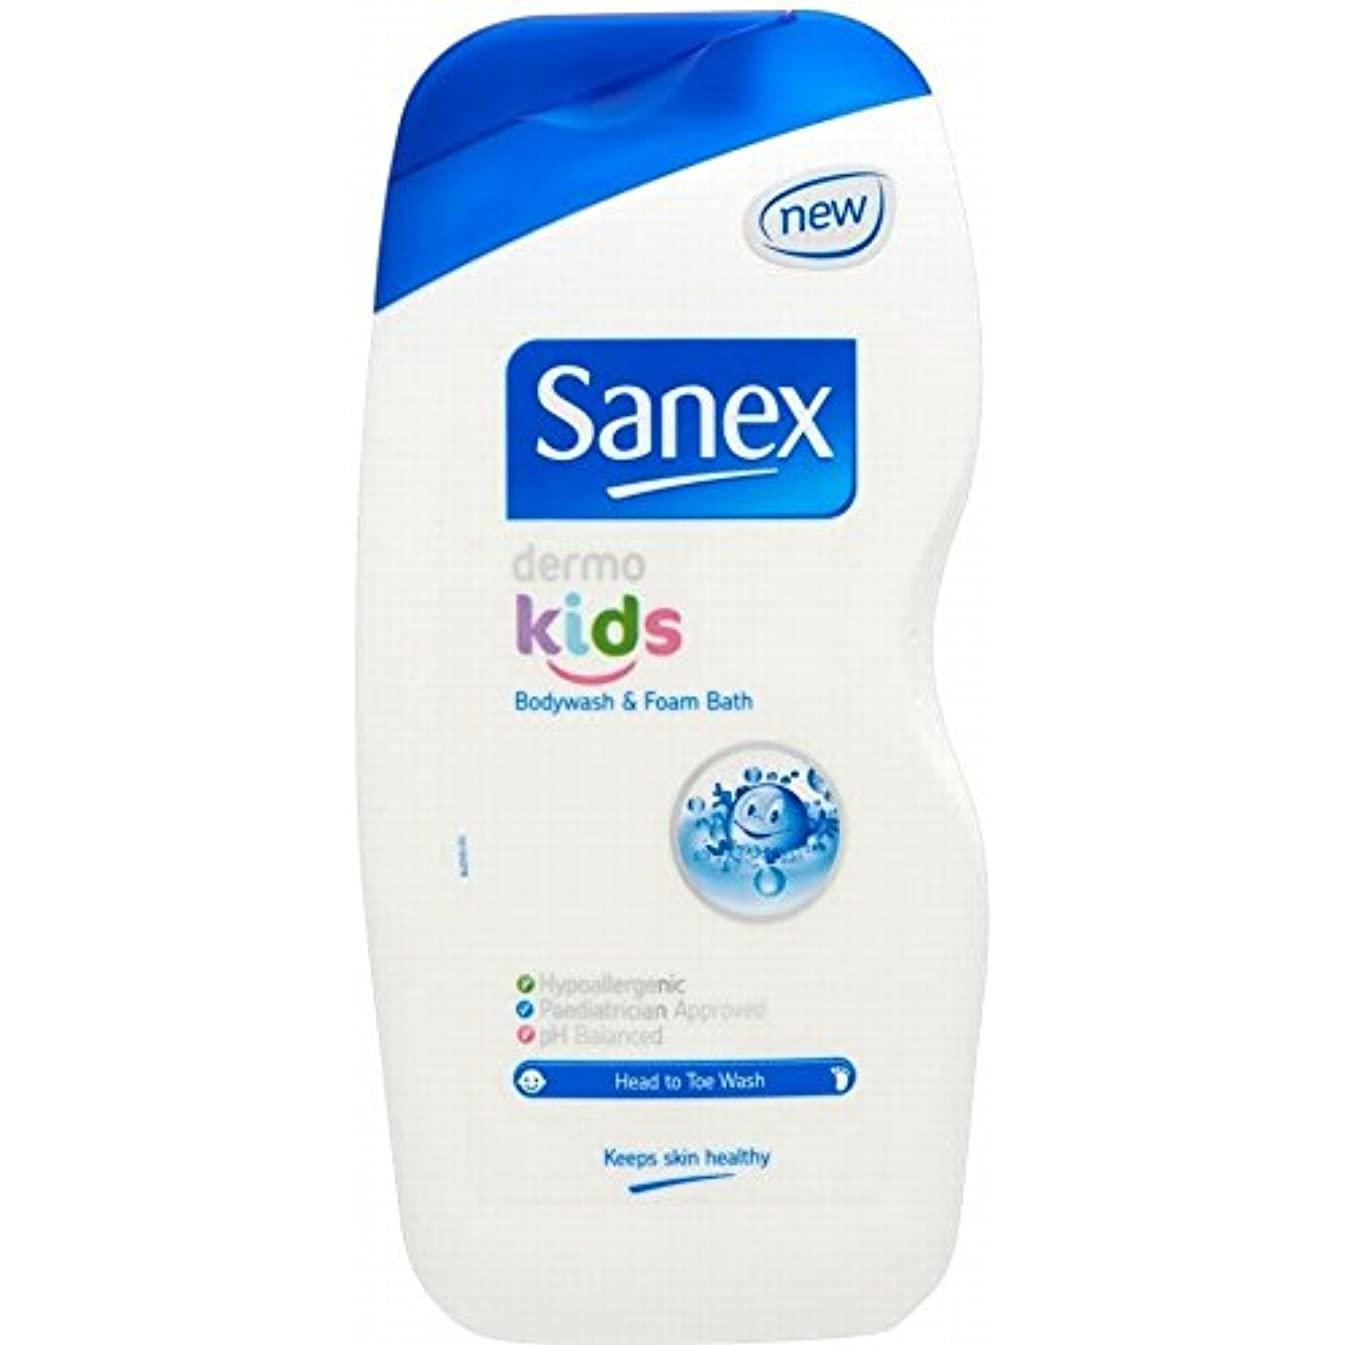 媒染剤ミュージカルプロペラSanex Dermo Kids Body Wash & Foam Bath (500ml) Sanex真皮キッズボディウォッシュと泡風呂( 500ミリリットル) [並行輸入品]